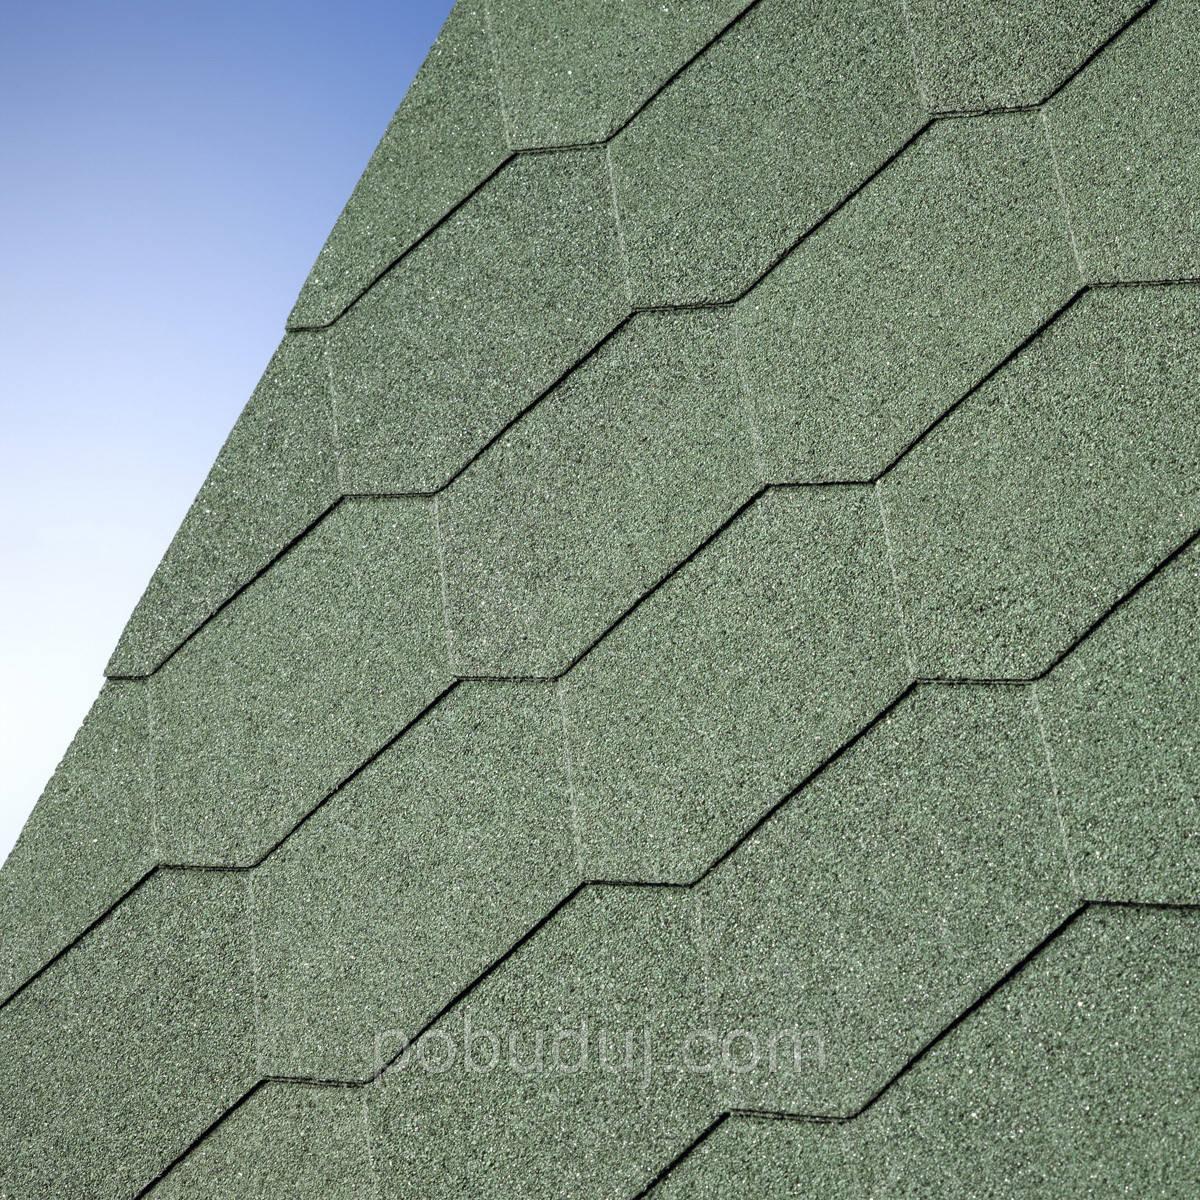 Битумная черепица Number One Hex Tile  Green (Зеленая плитка) - Наша Стройка в Киеве